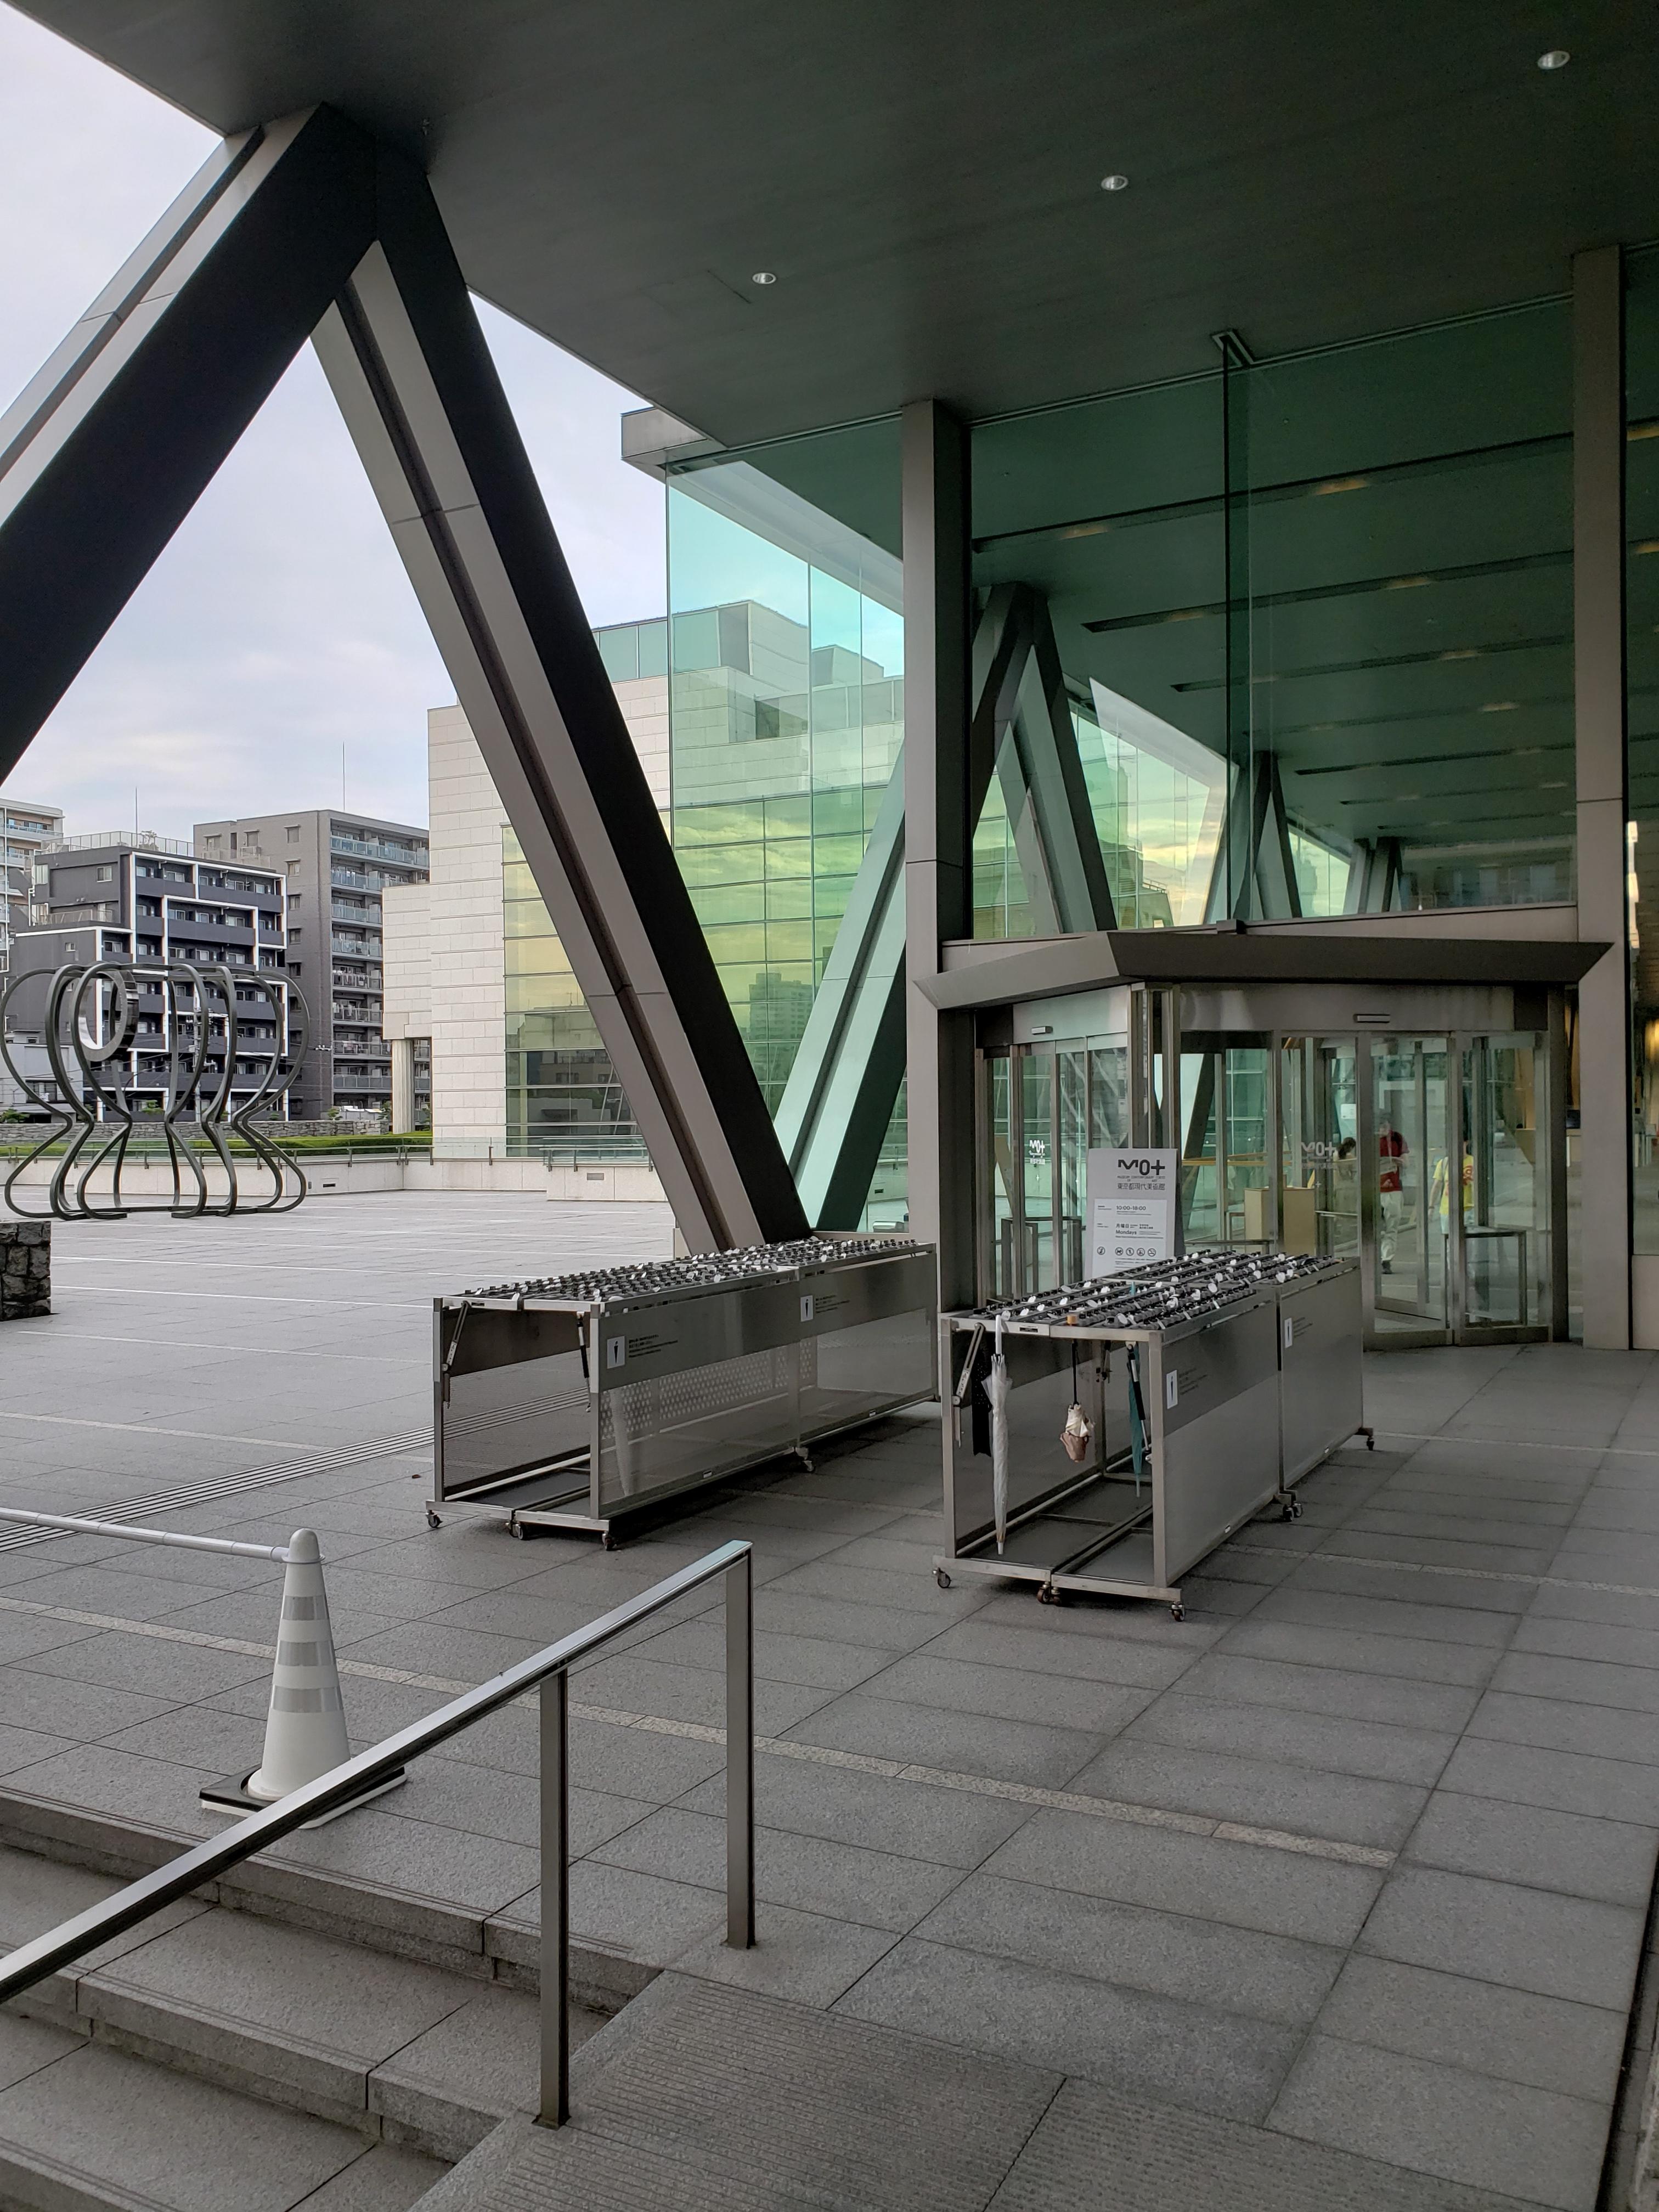 東京都現代美術館に行った感想